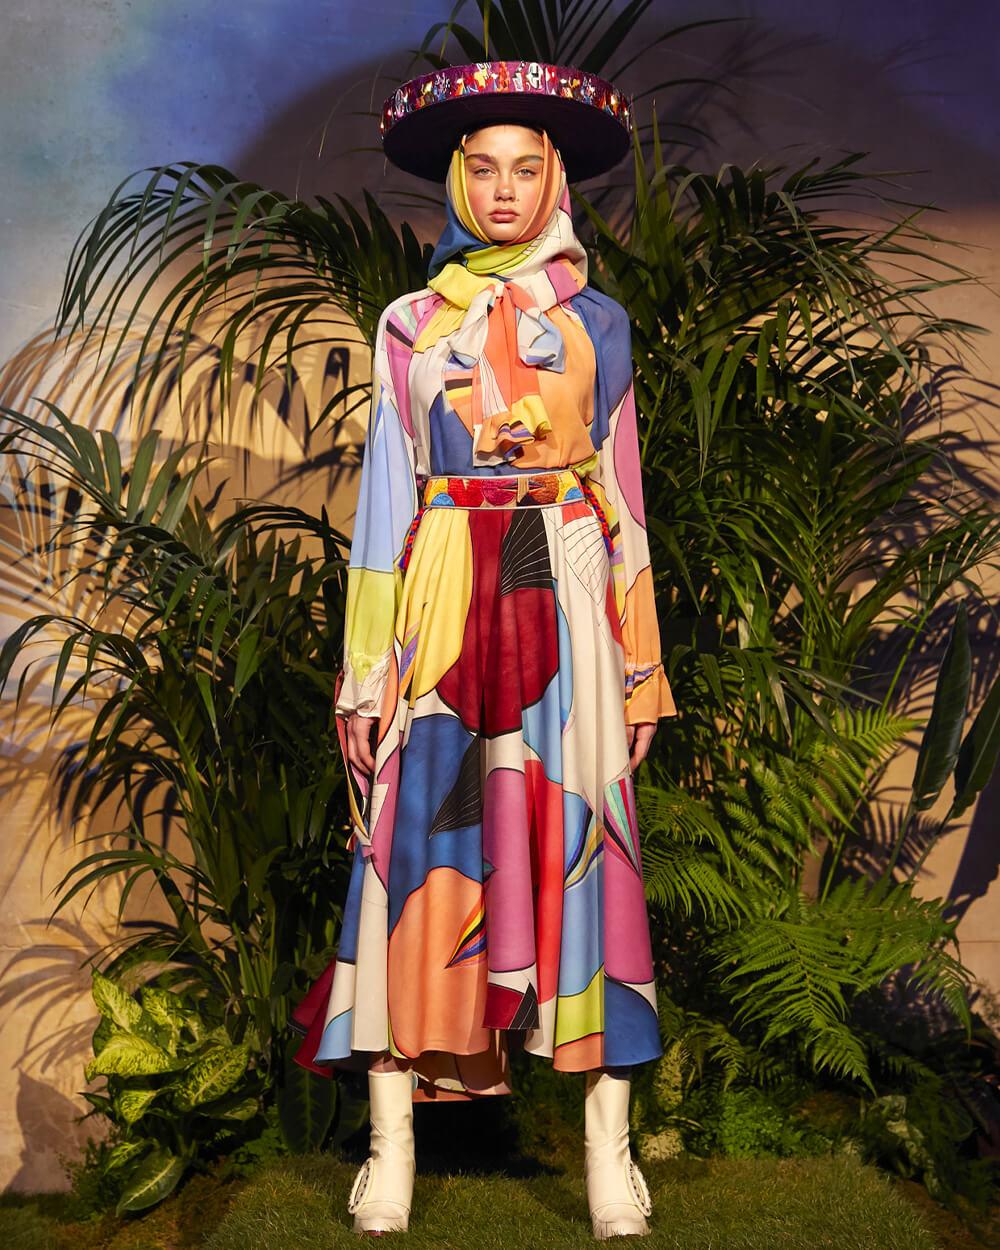 Chisato Tsumori fashion 2020